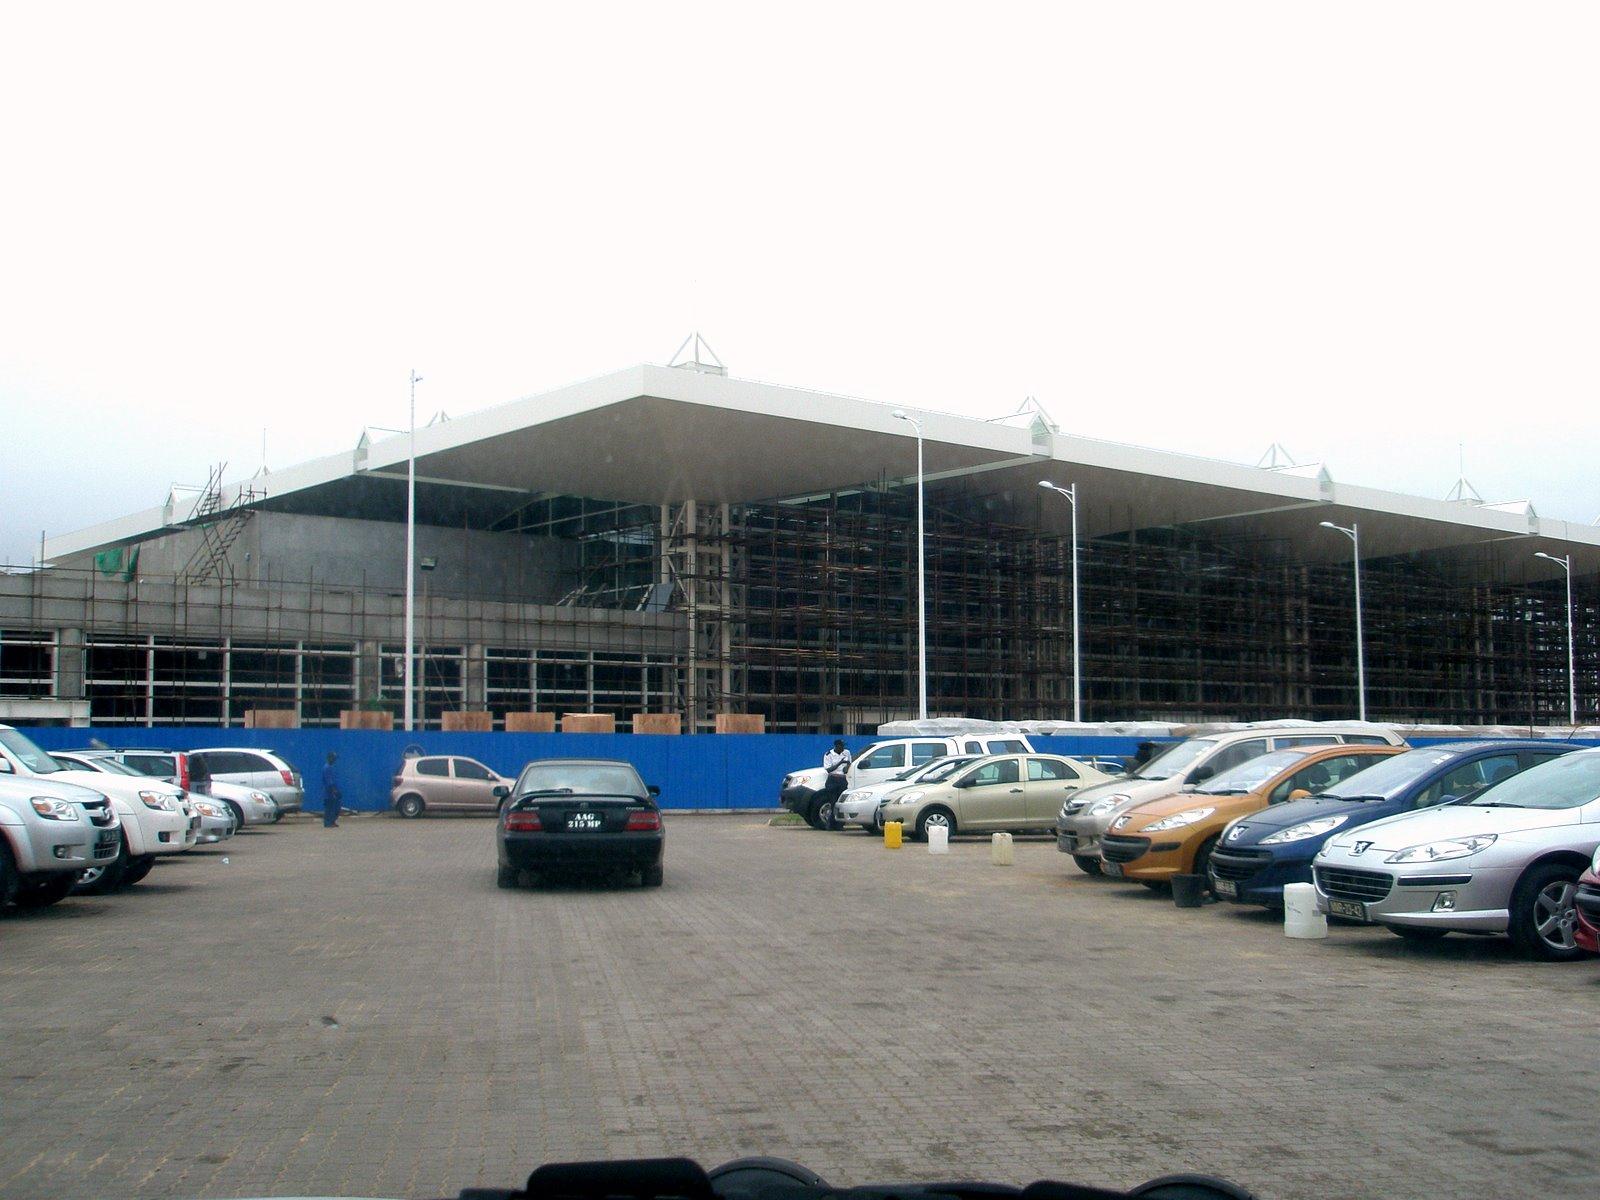 Aeroporto De Quelimane : Digital no Índico mapuro em fase adiatanda contrução